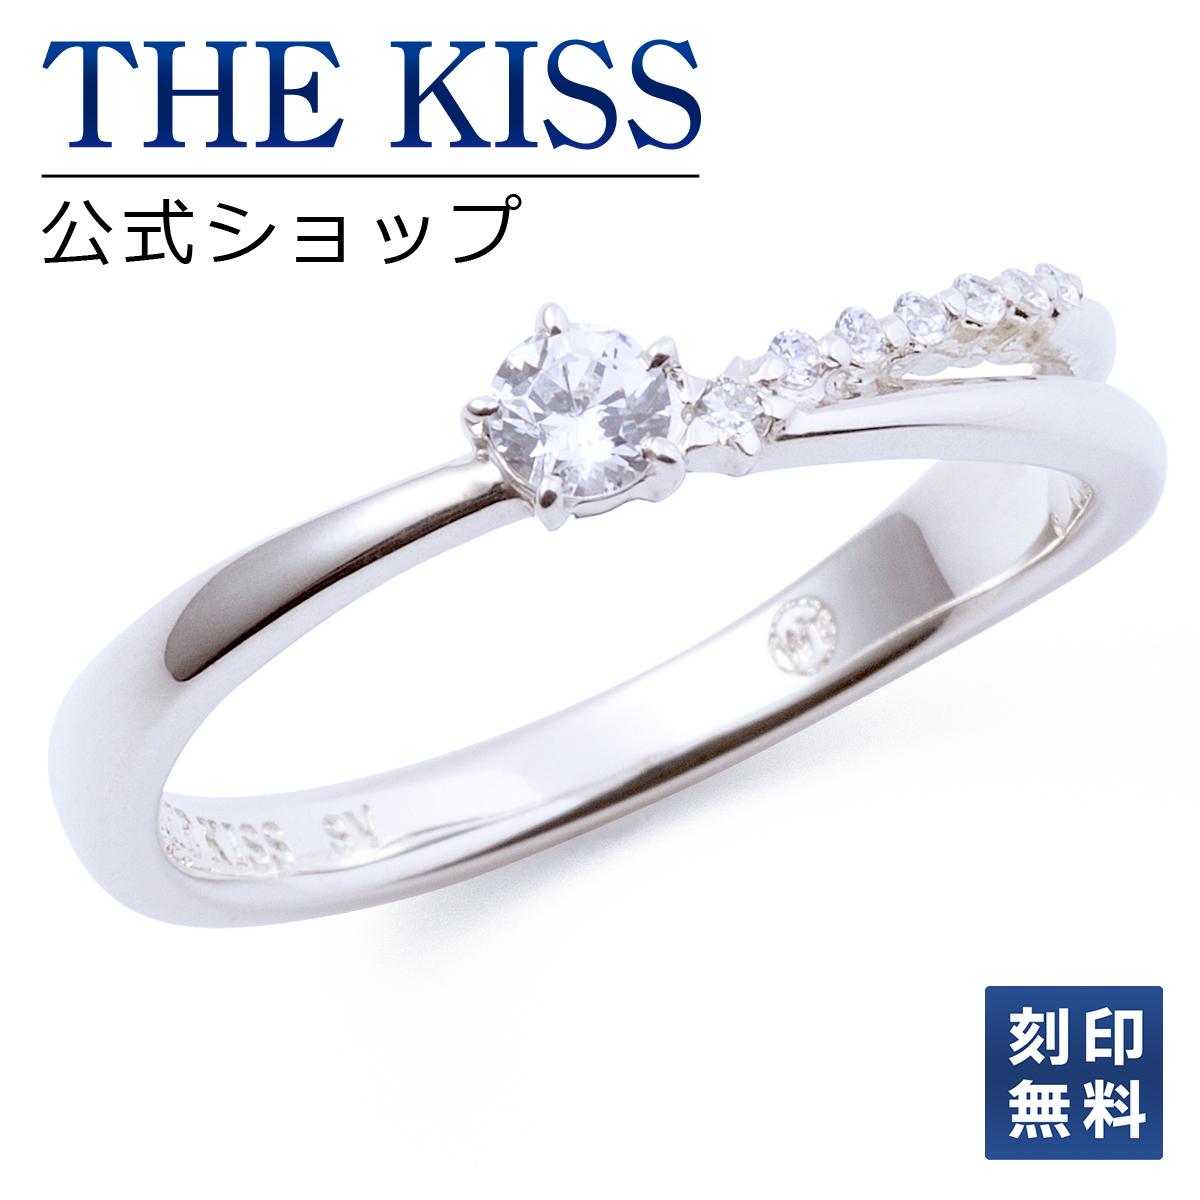 【あす楽対応】THE KISS 公式サイト シルバー ペアリング ( レディース 単品 ) ペアアクセサリー カップル に 人気 の ジュエリーブランド THEKISS ペア リング・指輪 記念日 プレゼント SR2019WUAS ザキス 【送料無料】